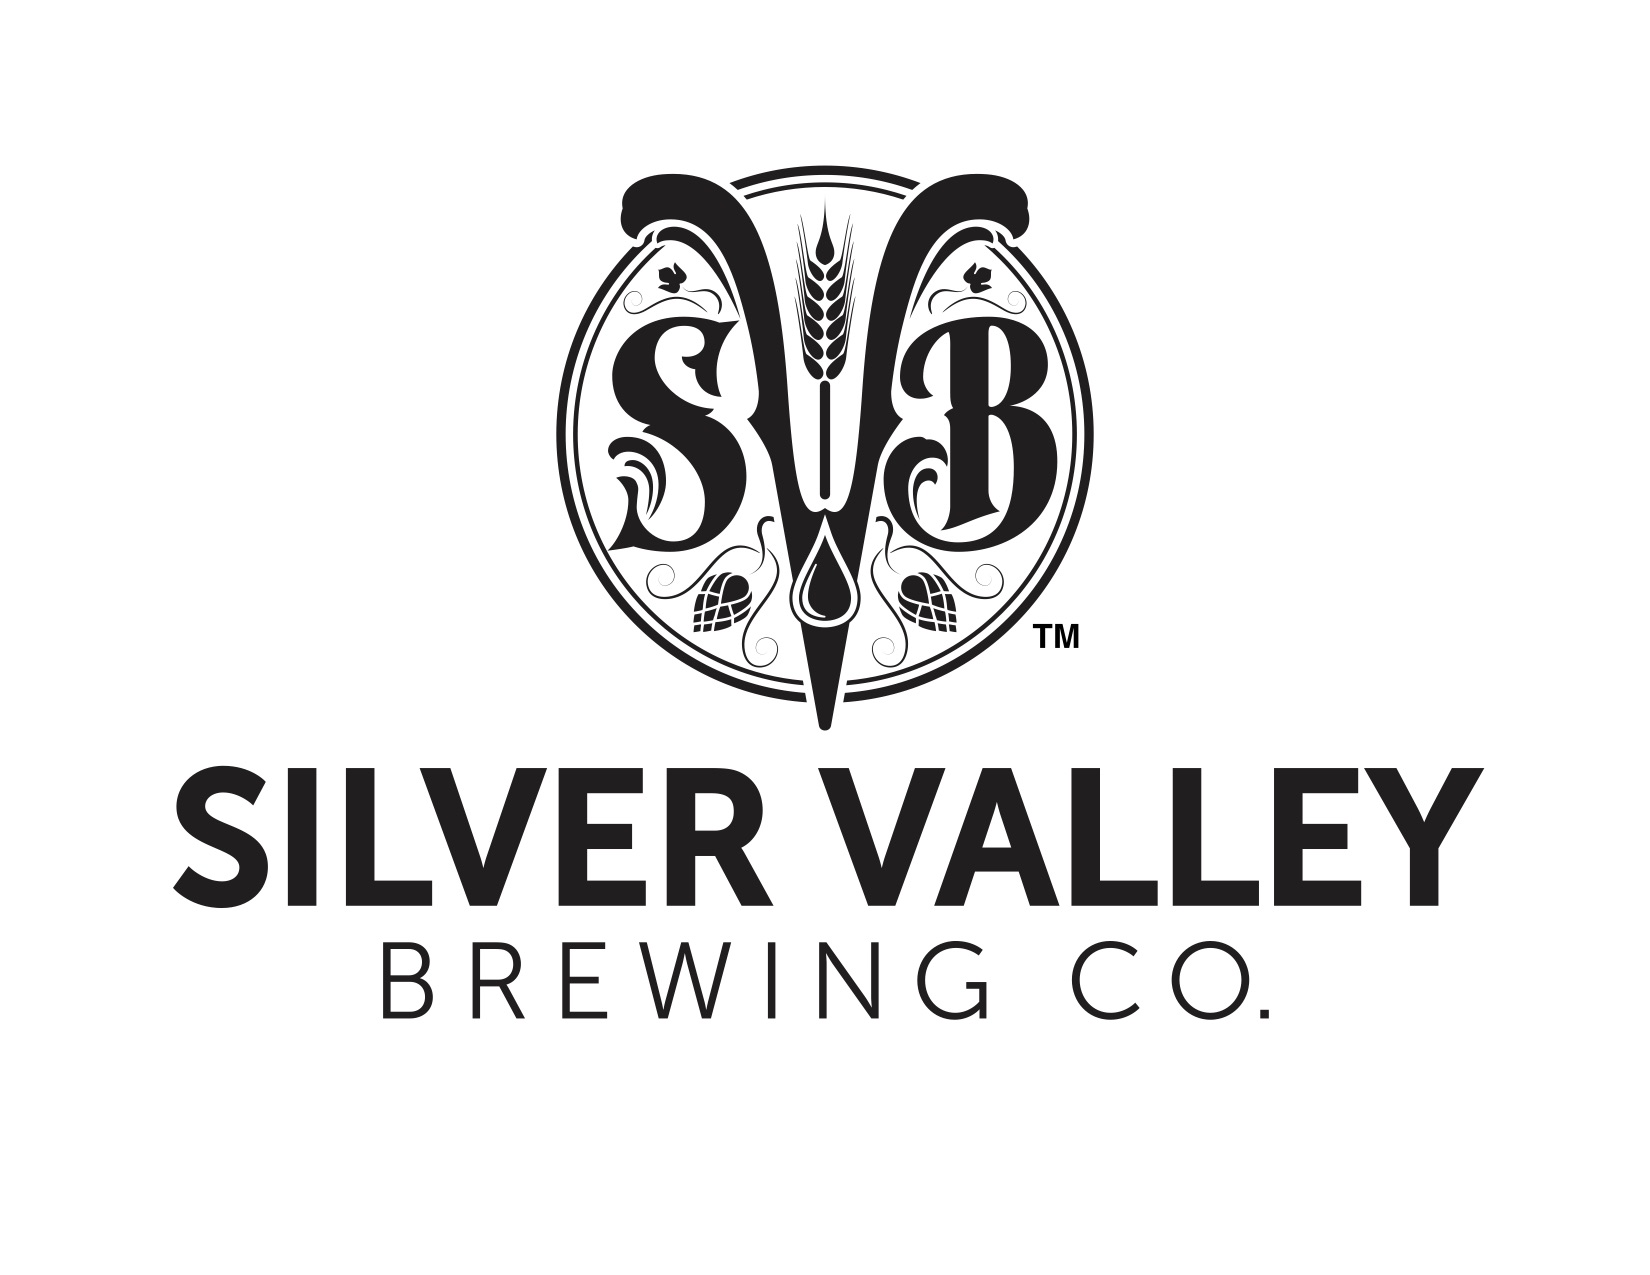 Silver Valley Brewing